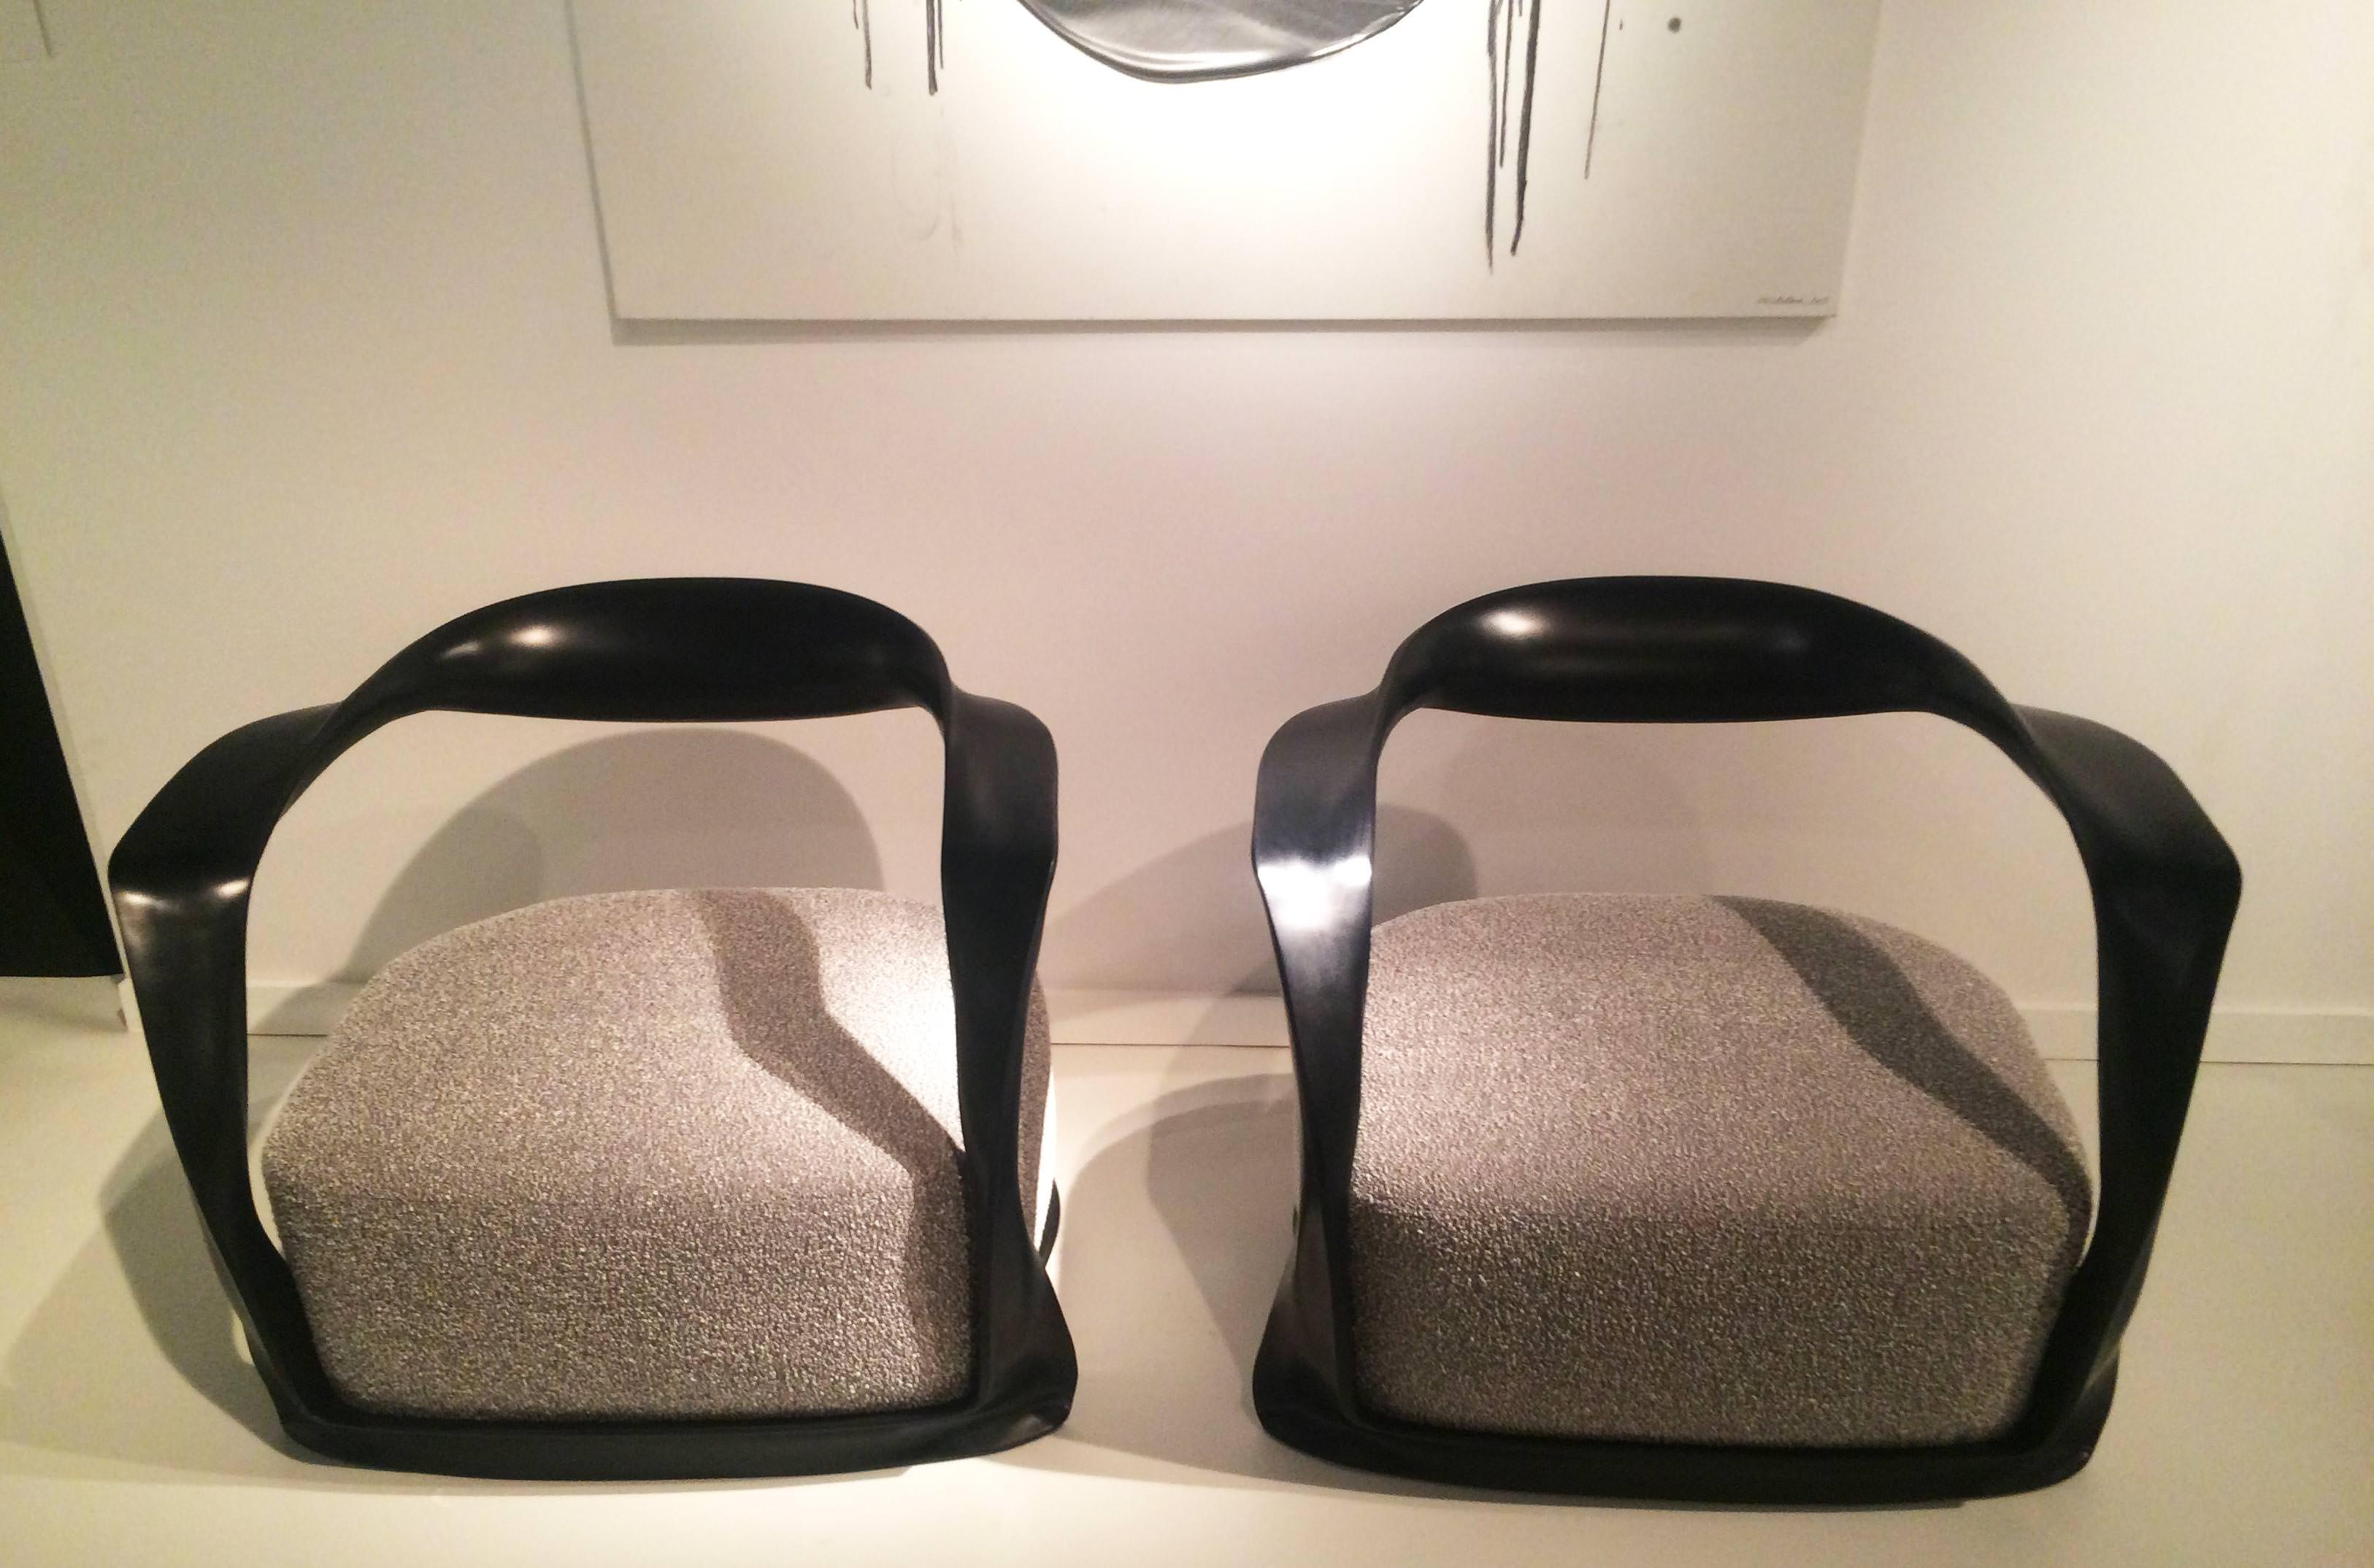 Carol Egan, Ombre Chair, ebonised sapele Mahogany, 70 x 80 x 60 cm. Stand de la galerie Dutko.   9. LES FORMES SCULPTURALES DES FAUTEUILS DE CAROL EGAN  Originaire de Dublin, Carol Egan s'est installée aux États-Unis où elle mène de front son métier d'acheteuse, de designer et de spécialiste du design d'intérieur. Sur le stand de la galerie Dutko, elle présente ses récentes réalisations dontdeux fauteuils aux formes sculpturales et féminines qui attiraient particulièrement l'attention.  www.dutko.com